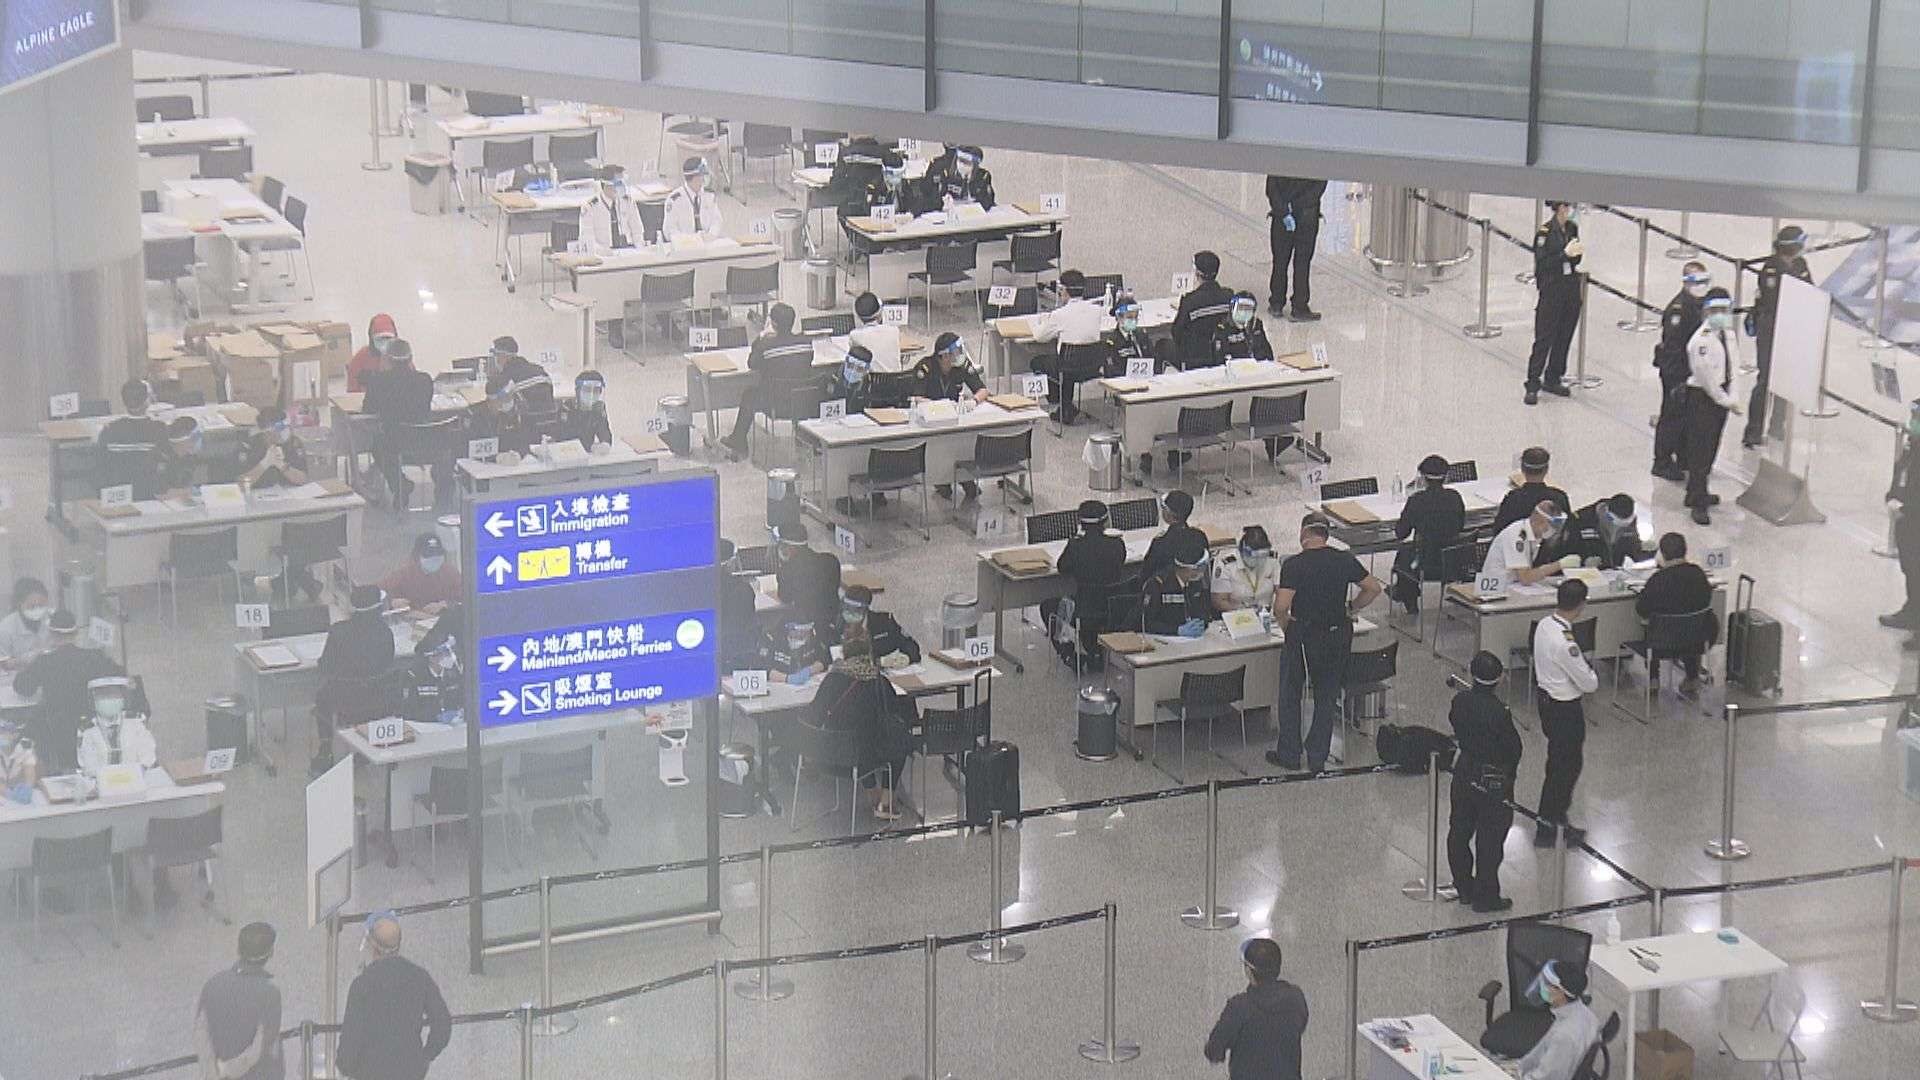 政府列美國為高風險地區 來港登機前須出示檢測證明